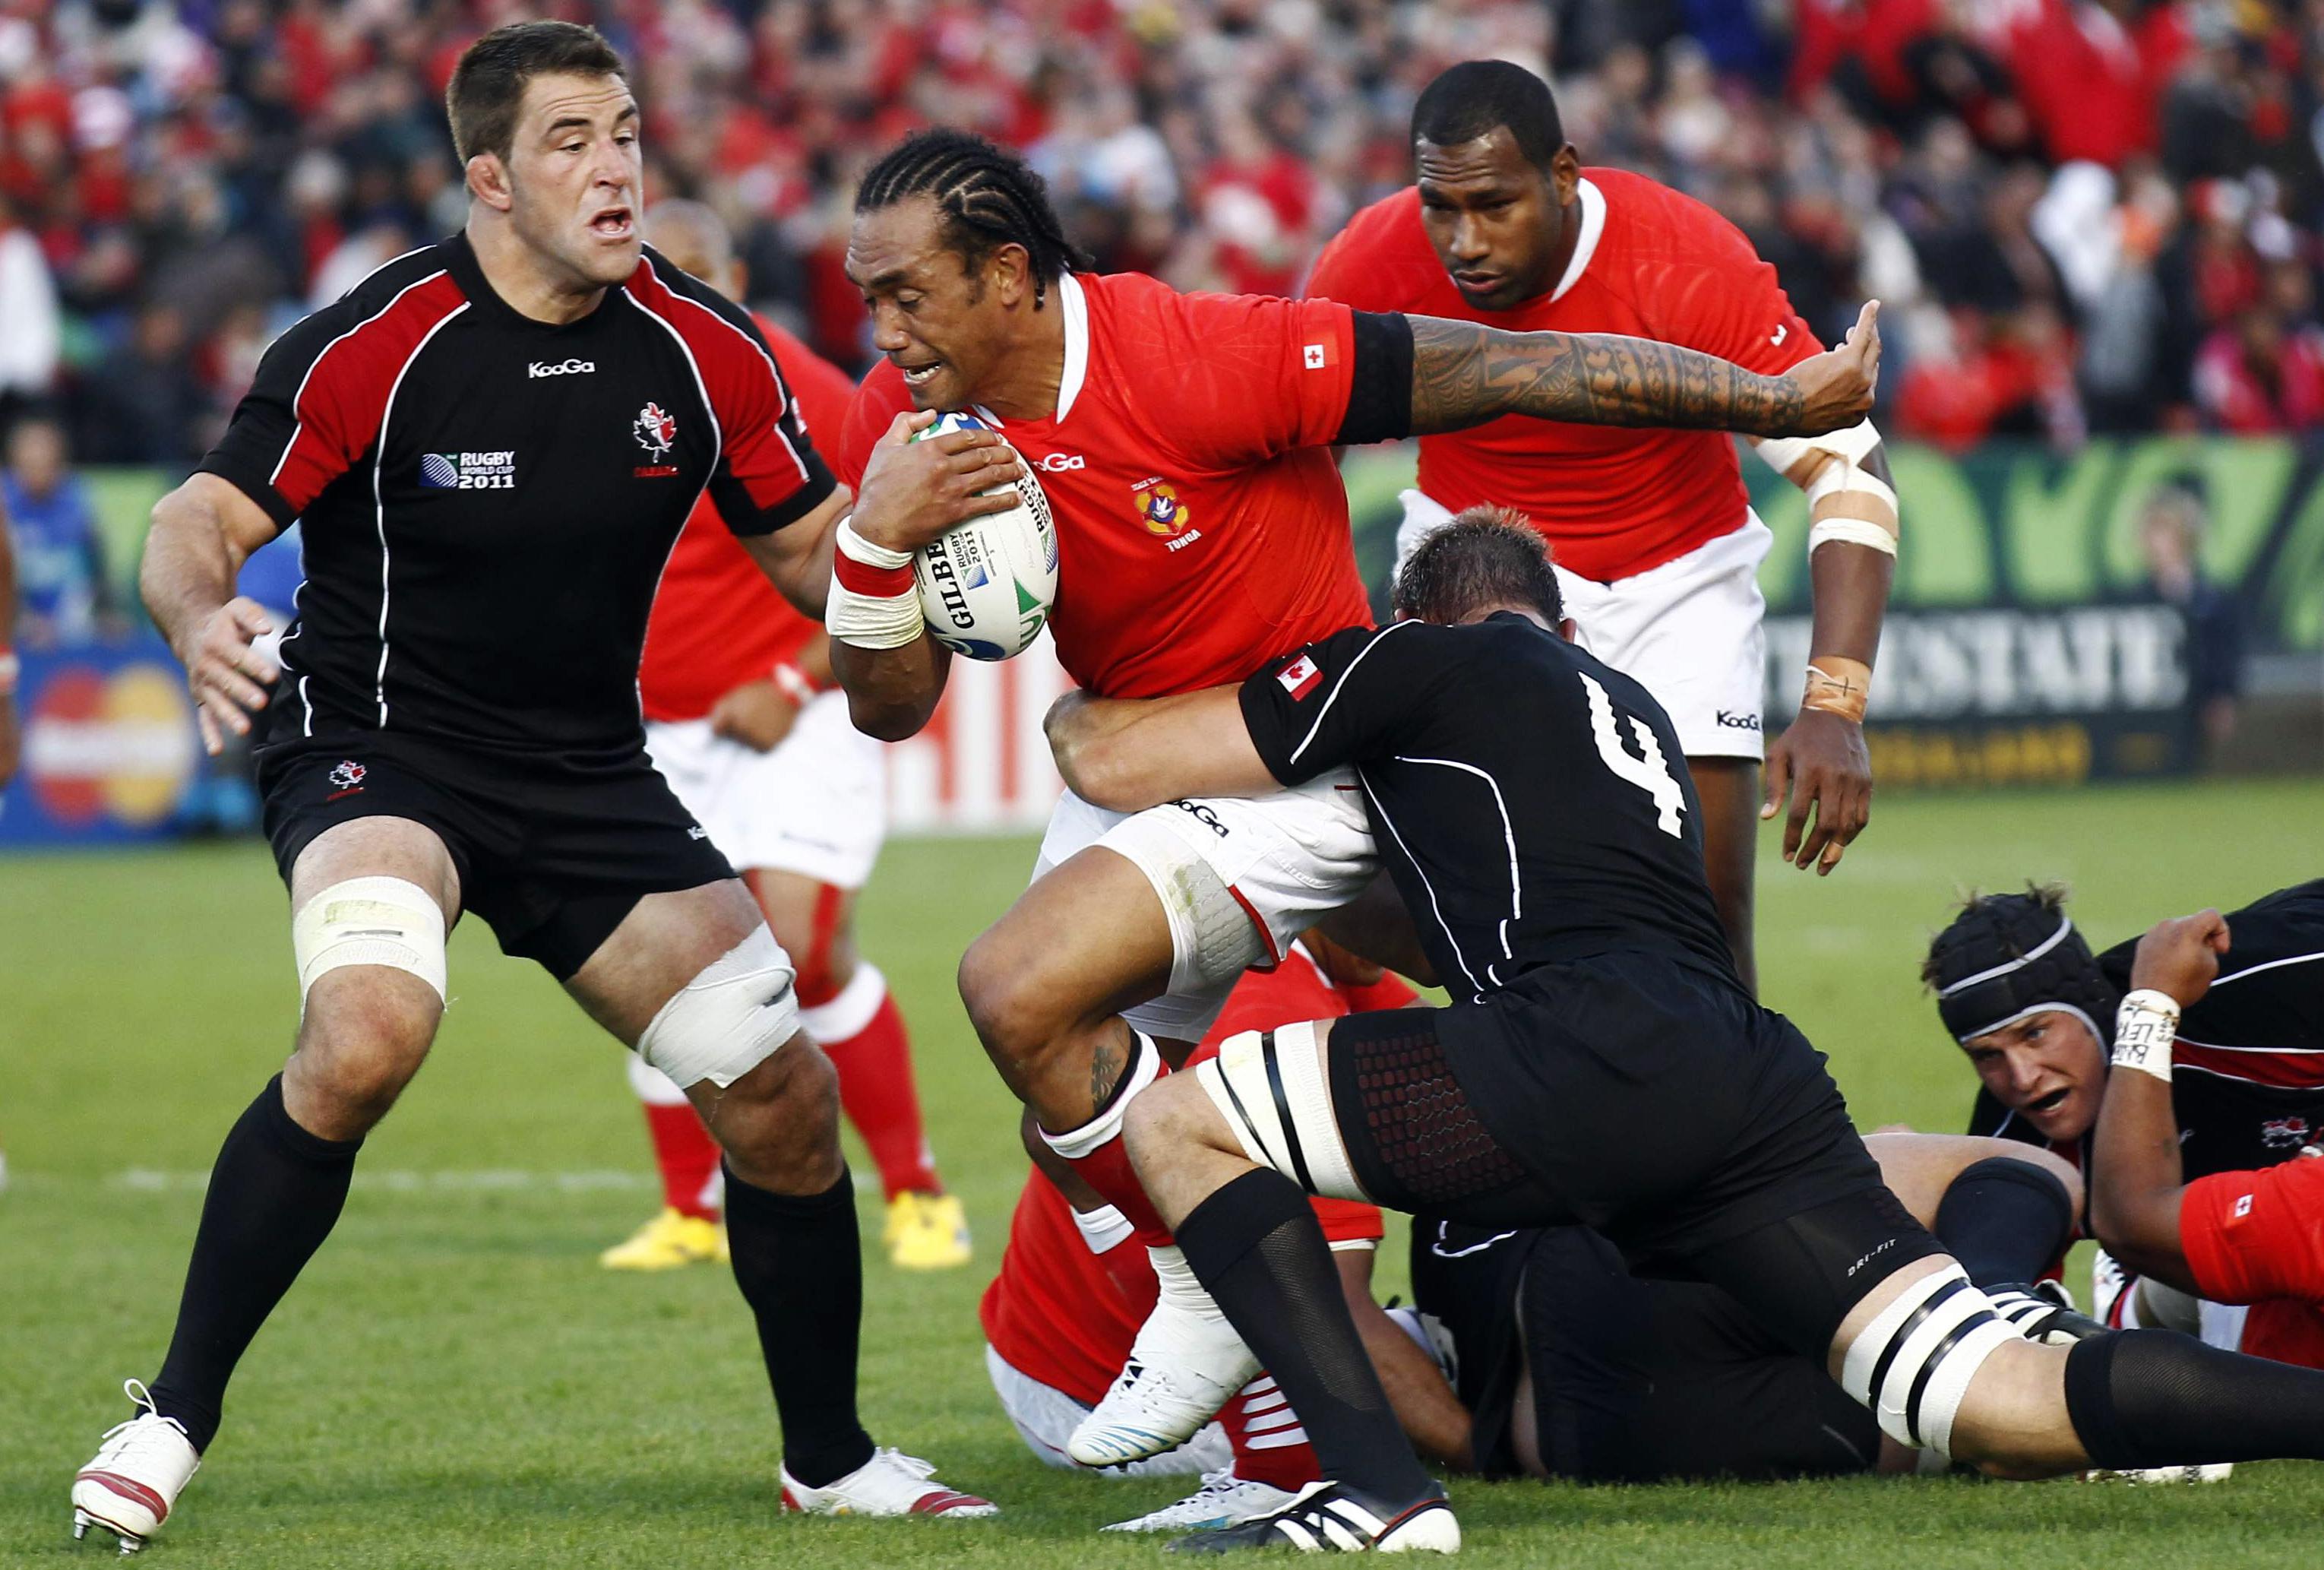 Petit match entre amis coupe du monde 2011 rugby - Coupe du monde rugby 2009 ...